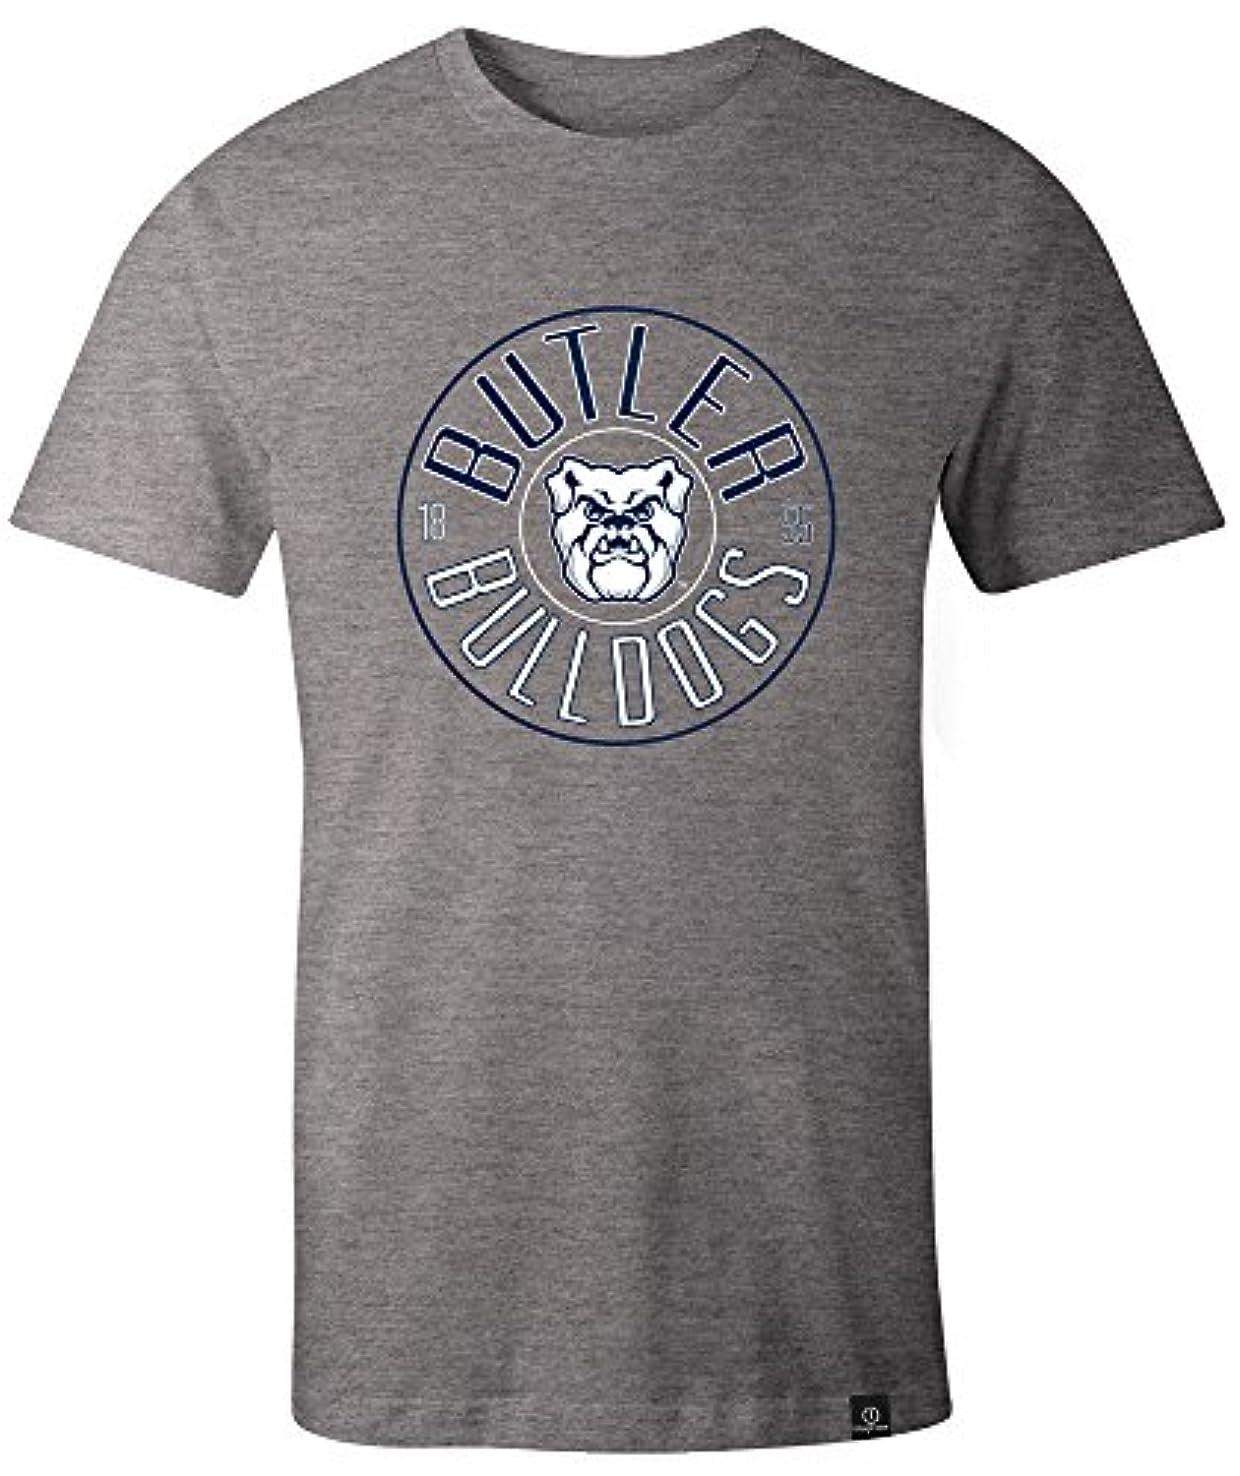 付添人こんにちは担保NCAA Circles Image One Everyday 半袖Tシャツ M グレイ